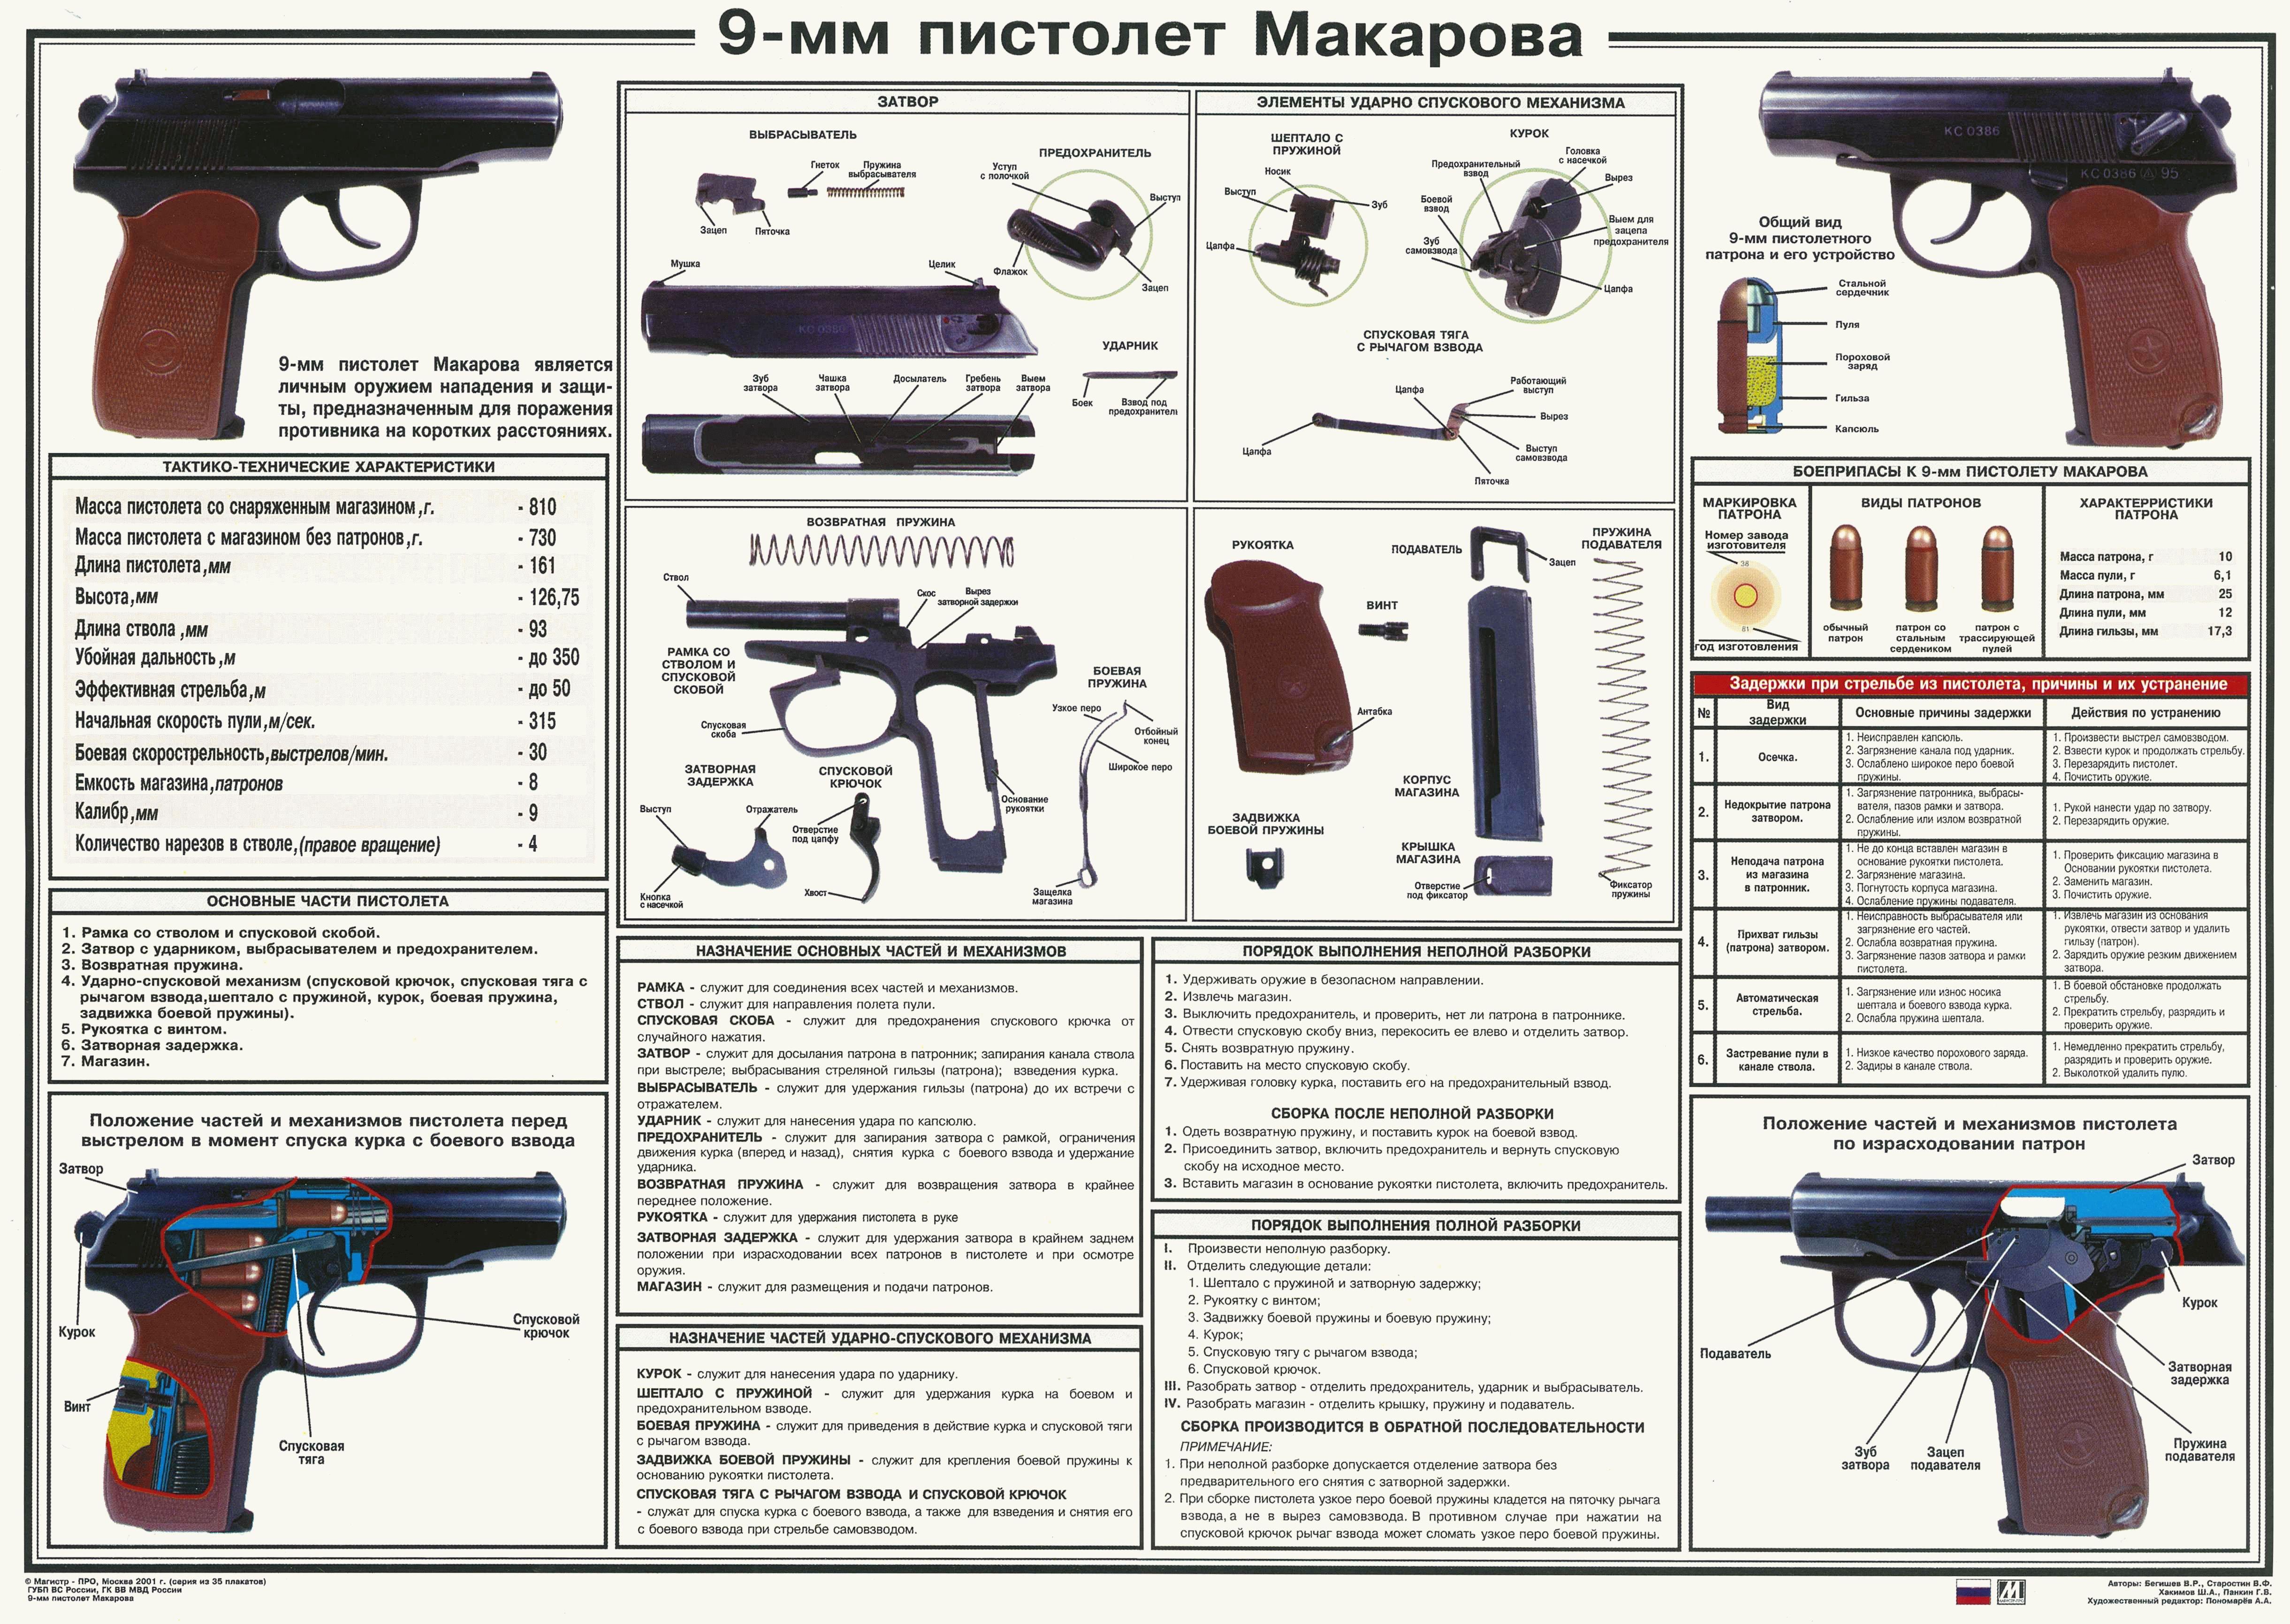 пистолет макарова, как оружие внешней разведки